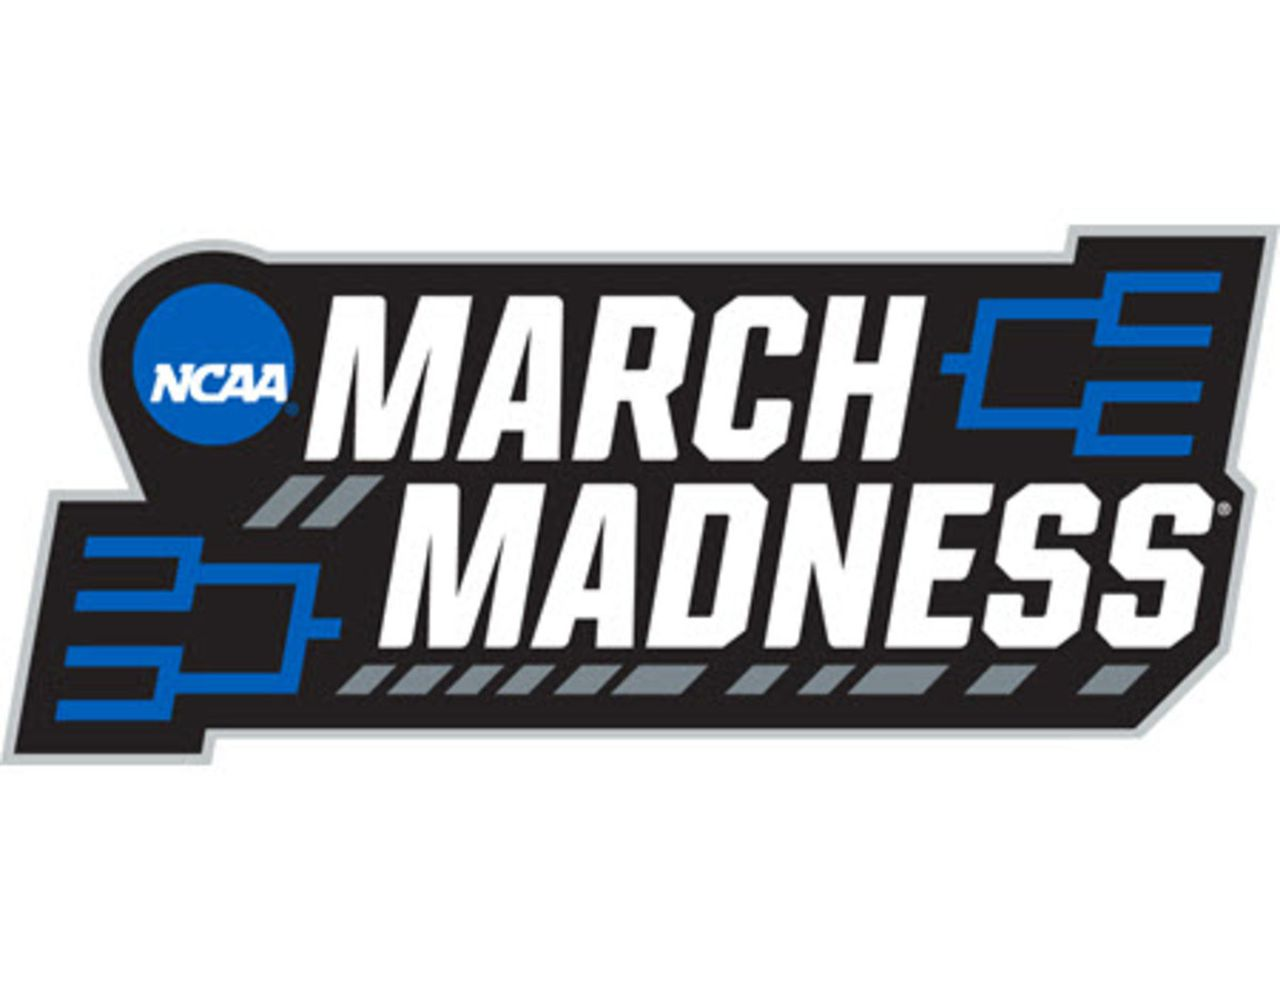 Regresa el 'March Madness' después de su cancelación por la pandemia